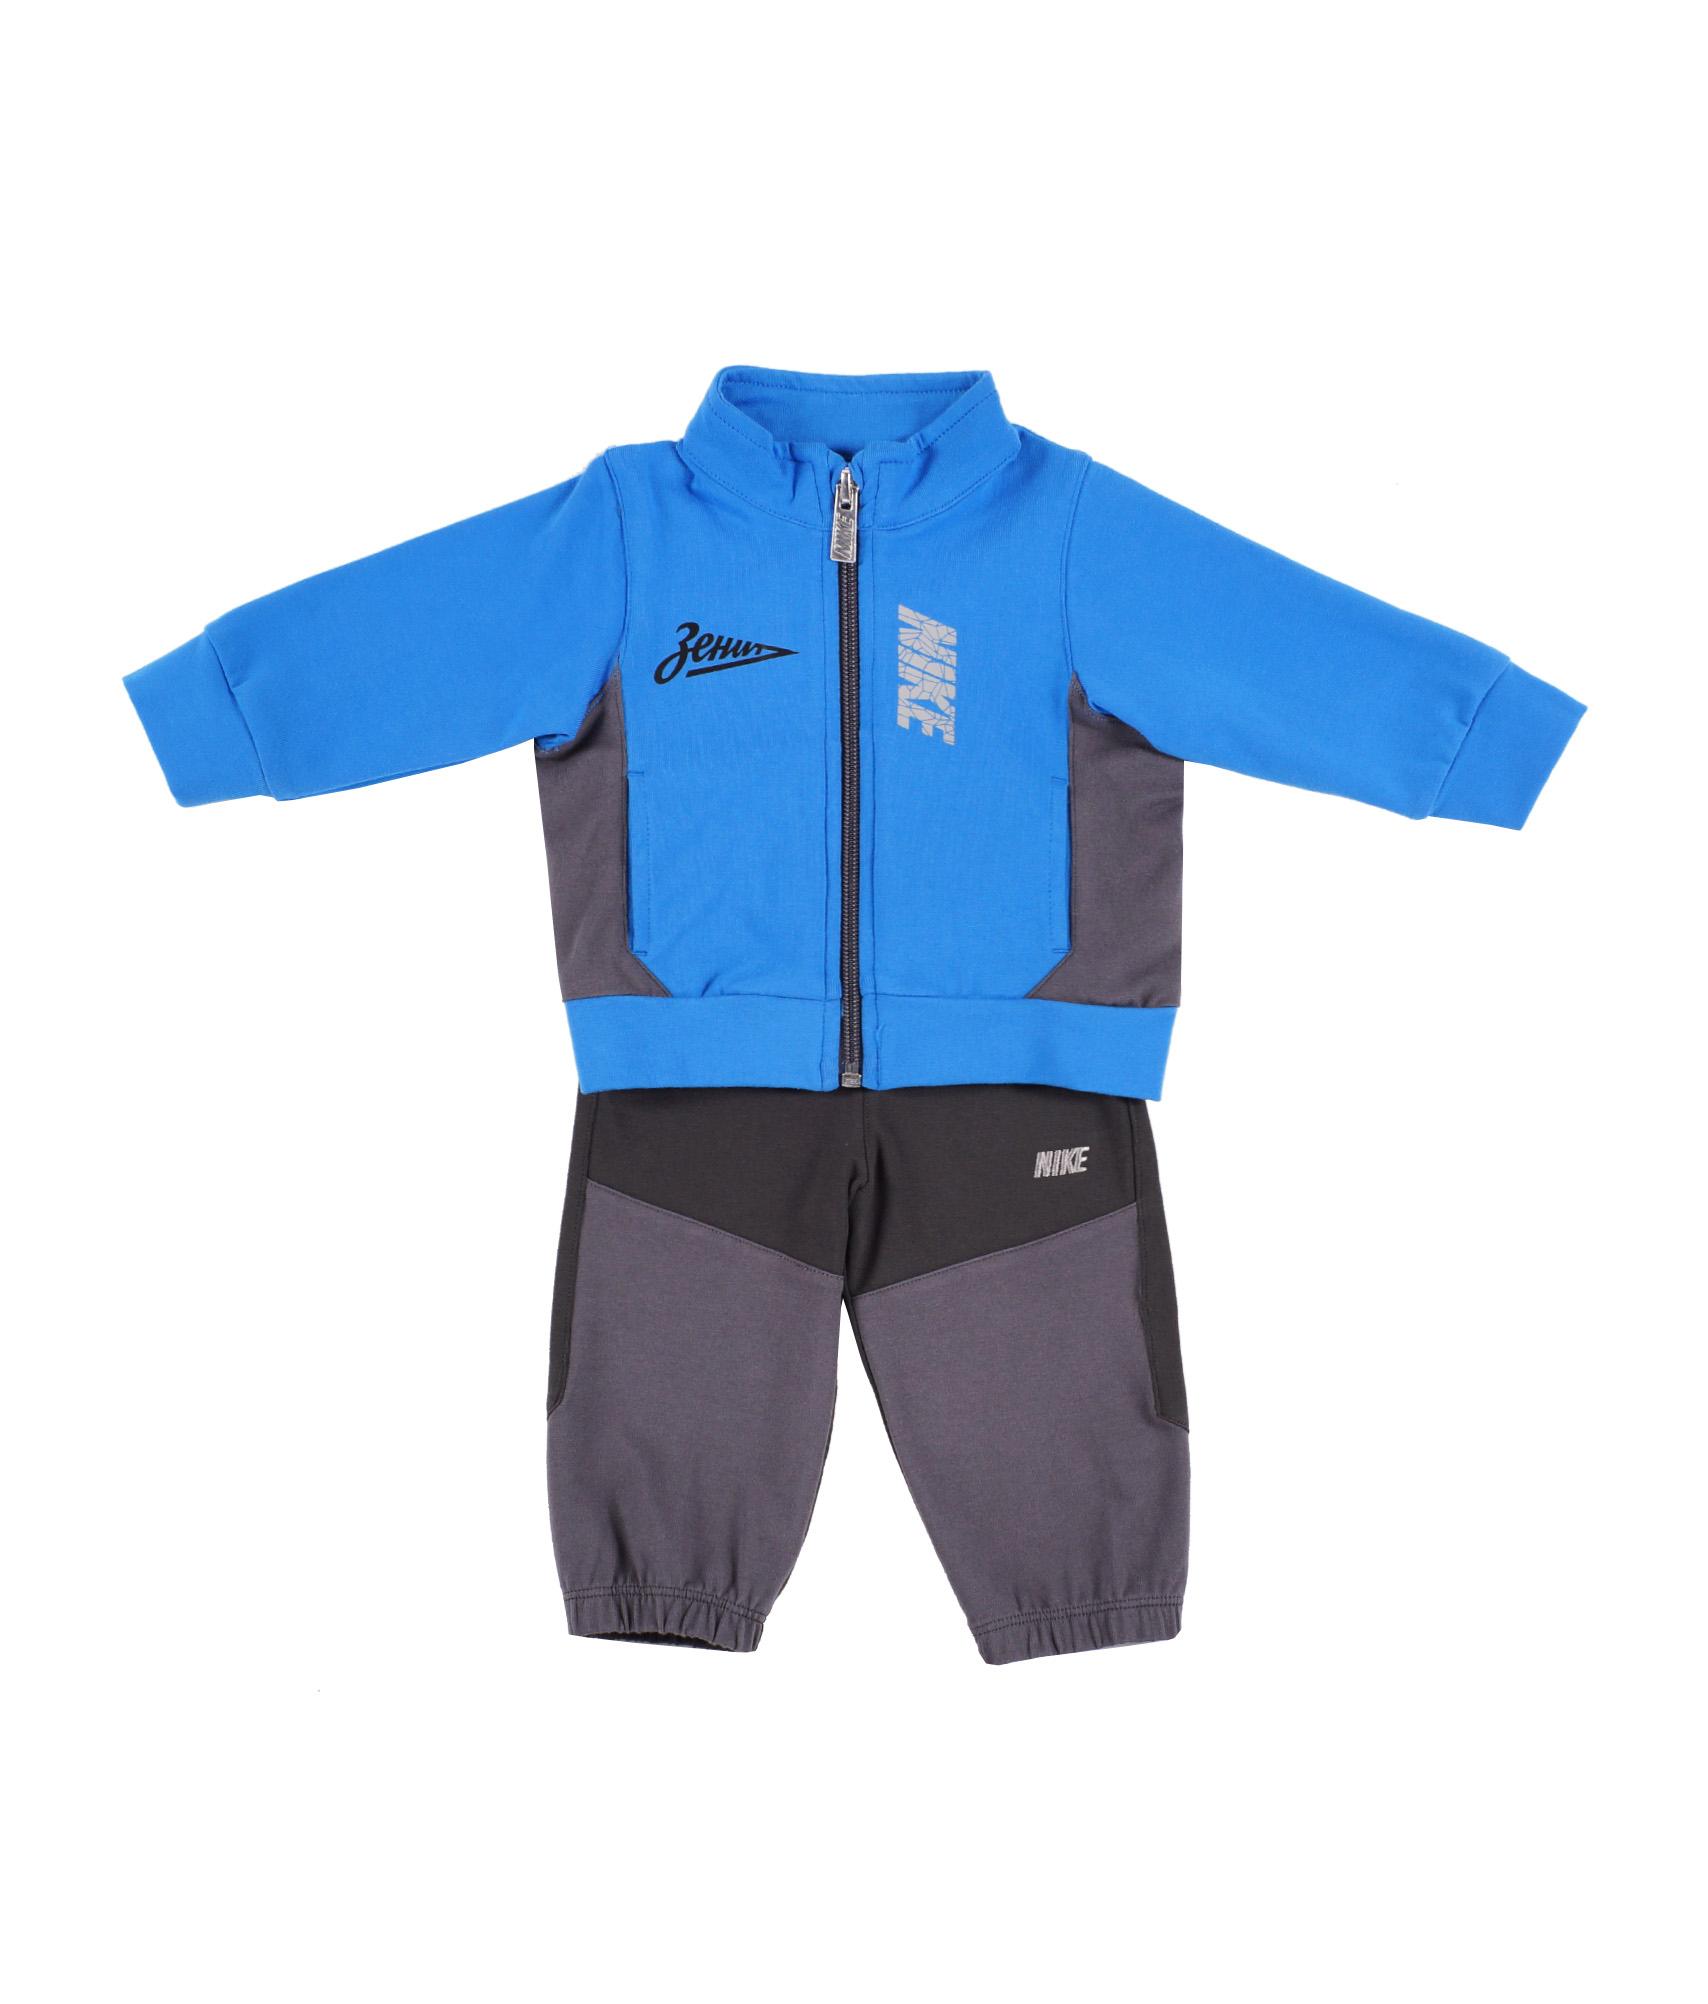 Костюм для малышей Nike MOD SP J CREW WARM UP , Цвет-Синий, Размер-24-36